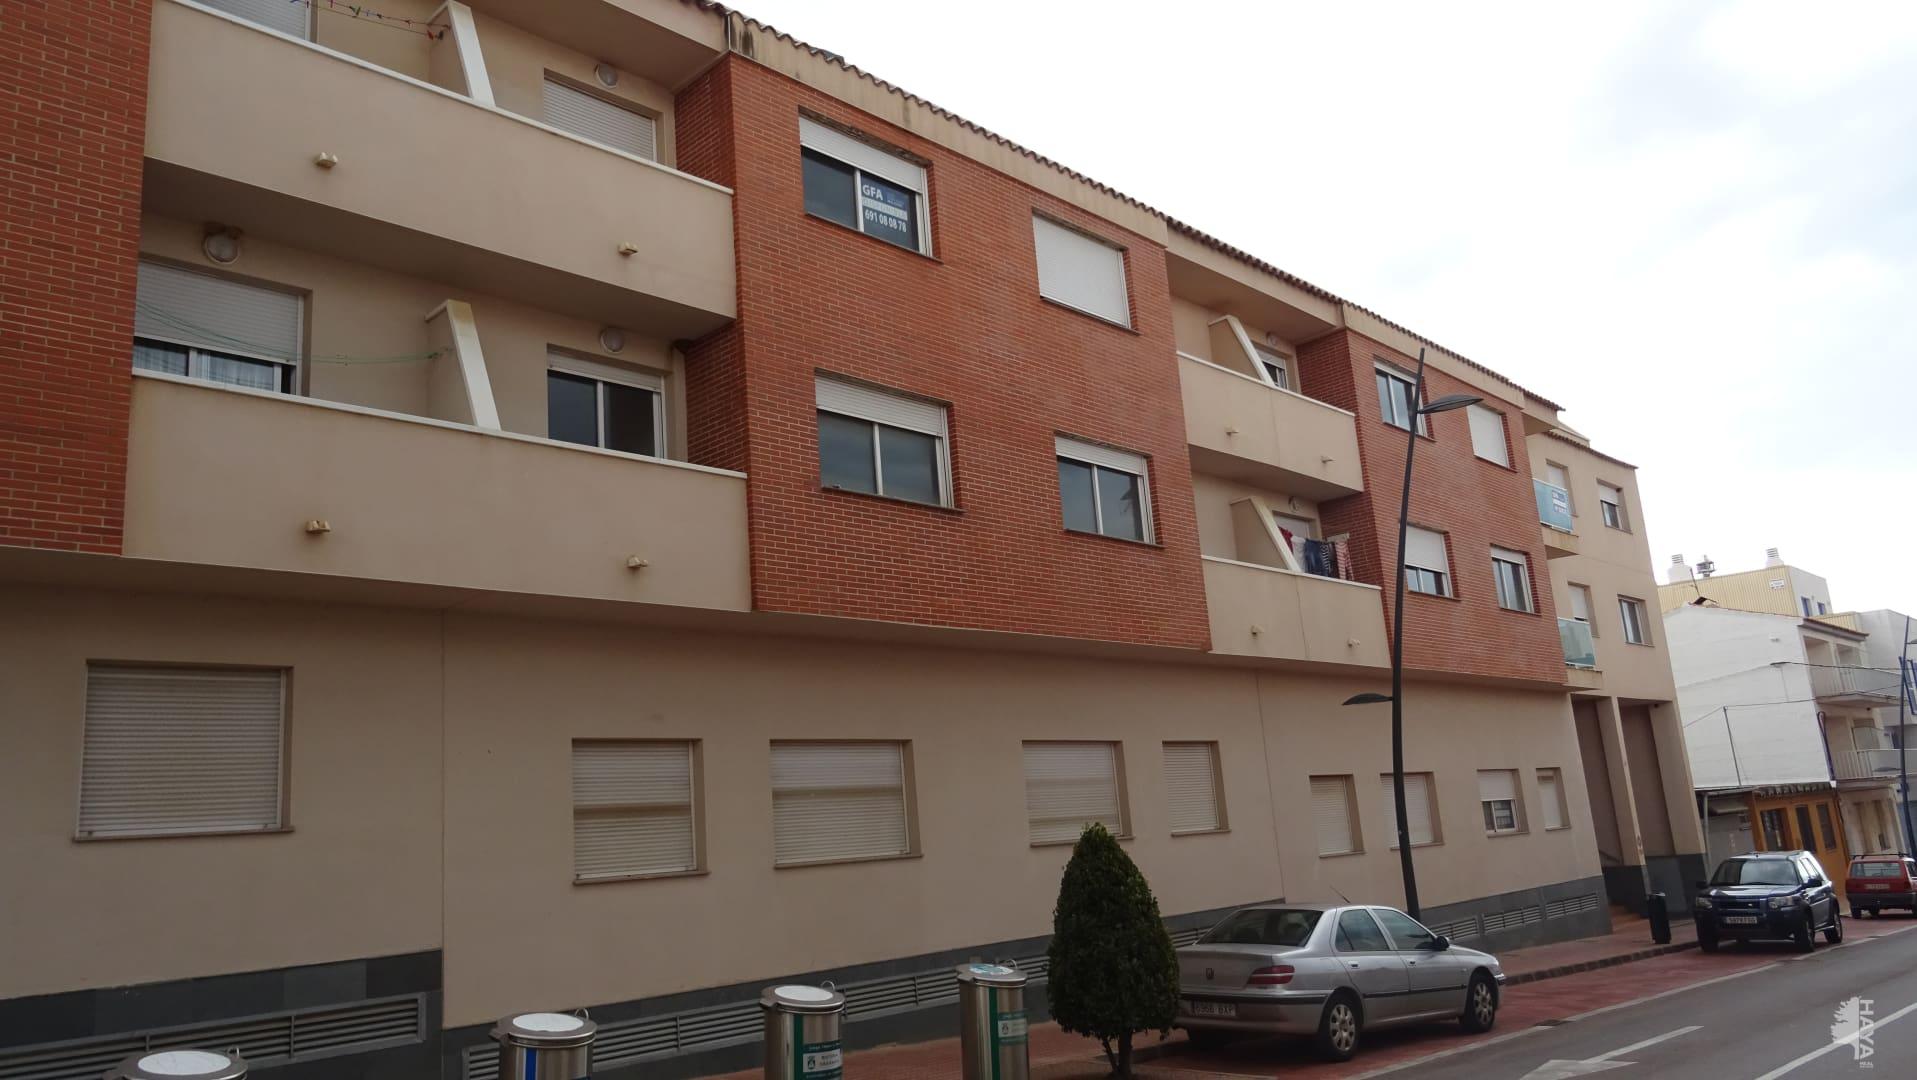 Piso en venta en Torreblanca, Castellón, Calle Colon, 60.000 €, 3 habitaciones, 2 baños, 91 m2